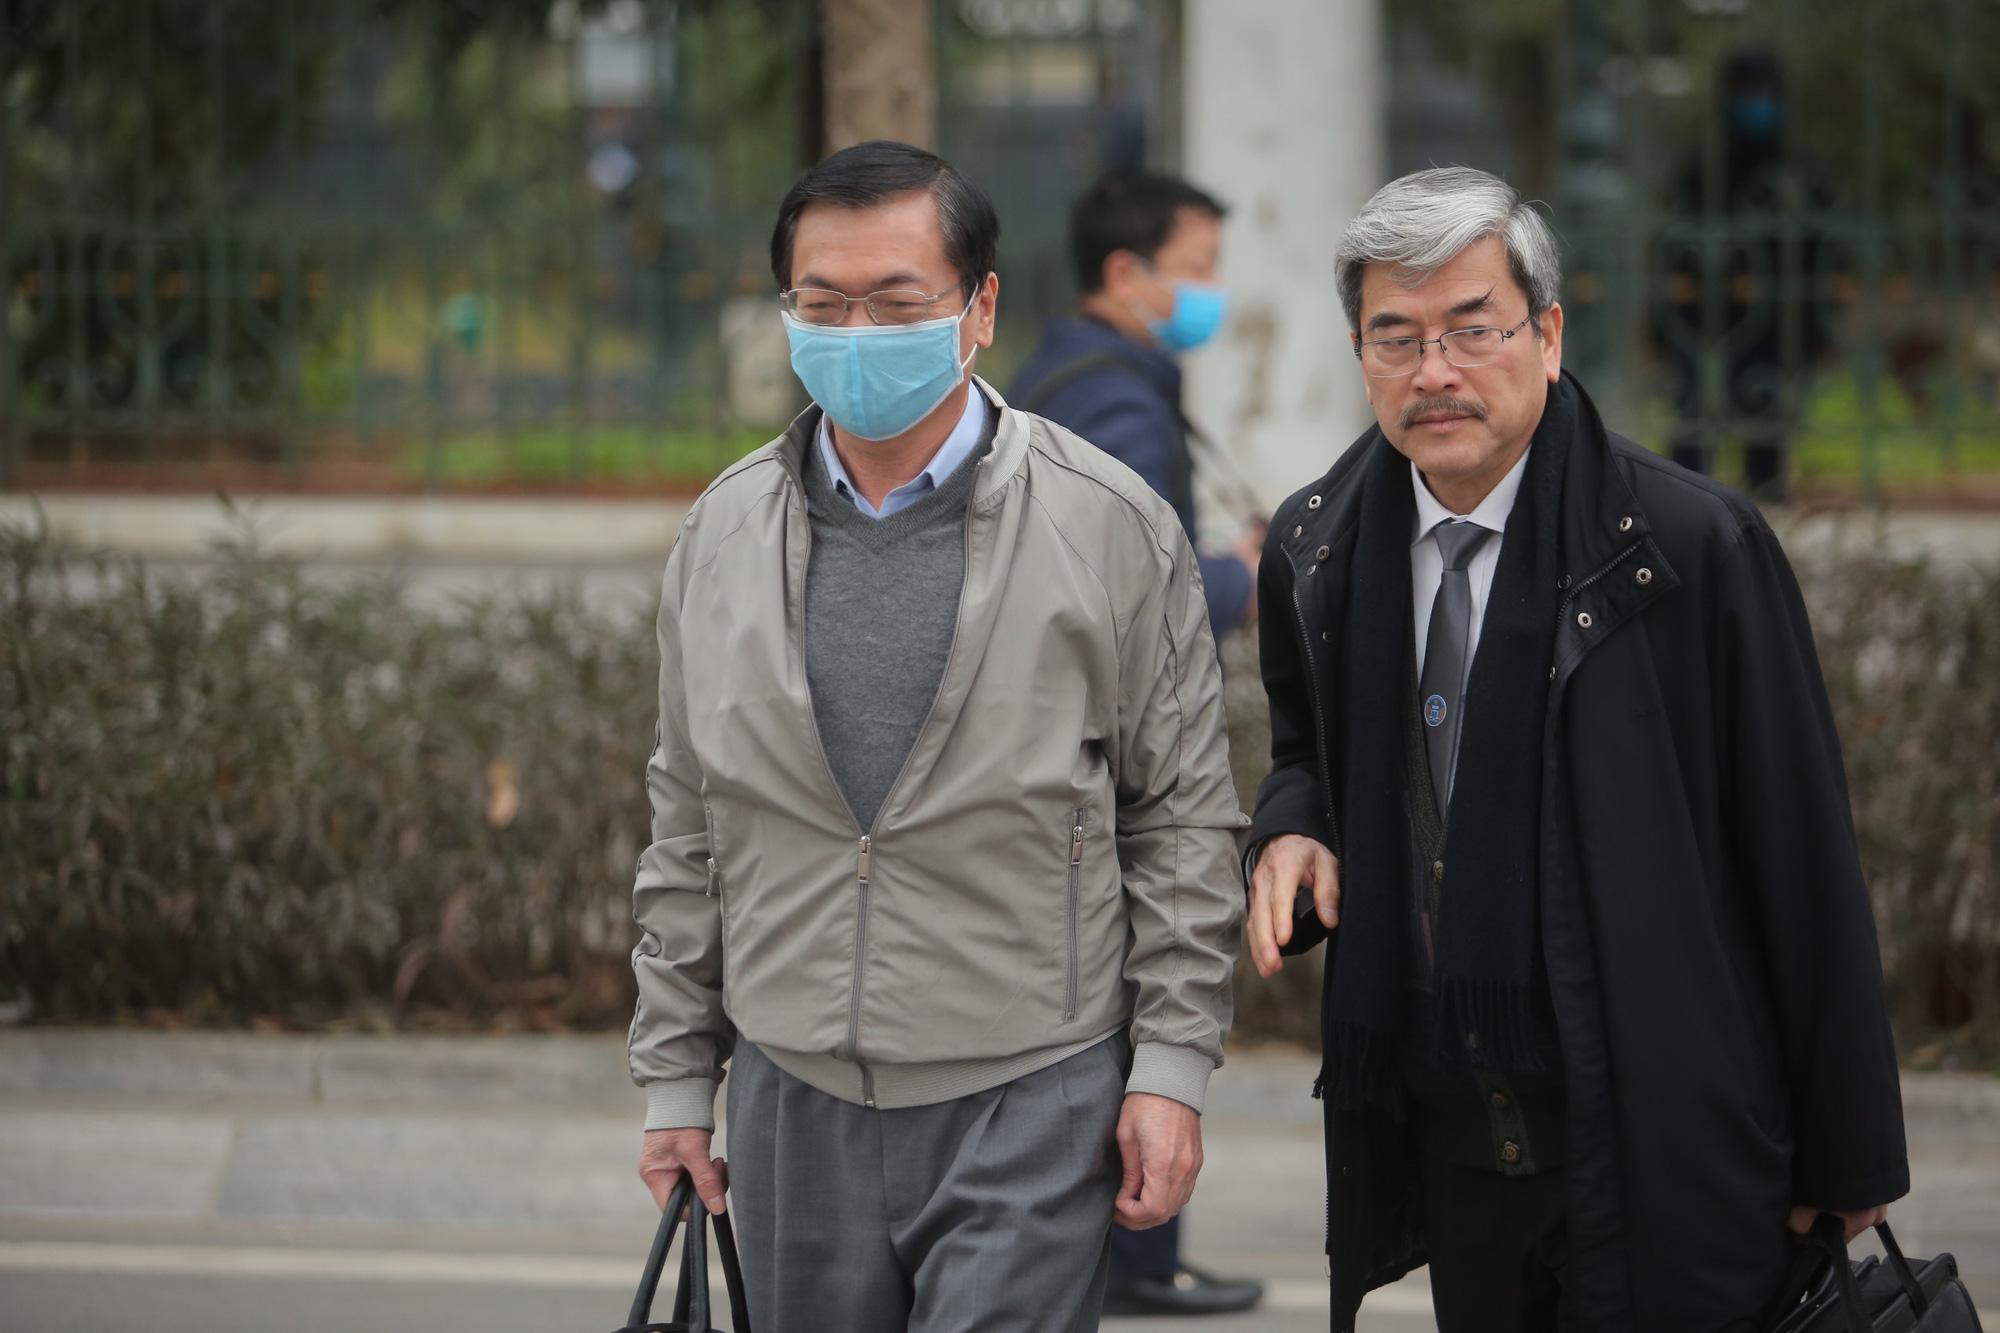 Lý do nào luật sư đề nghị triệu tập người có lời khai dùng buộc tội ông Vũ Huy Hoàng? - Ảnh 1.